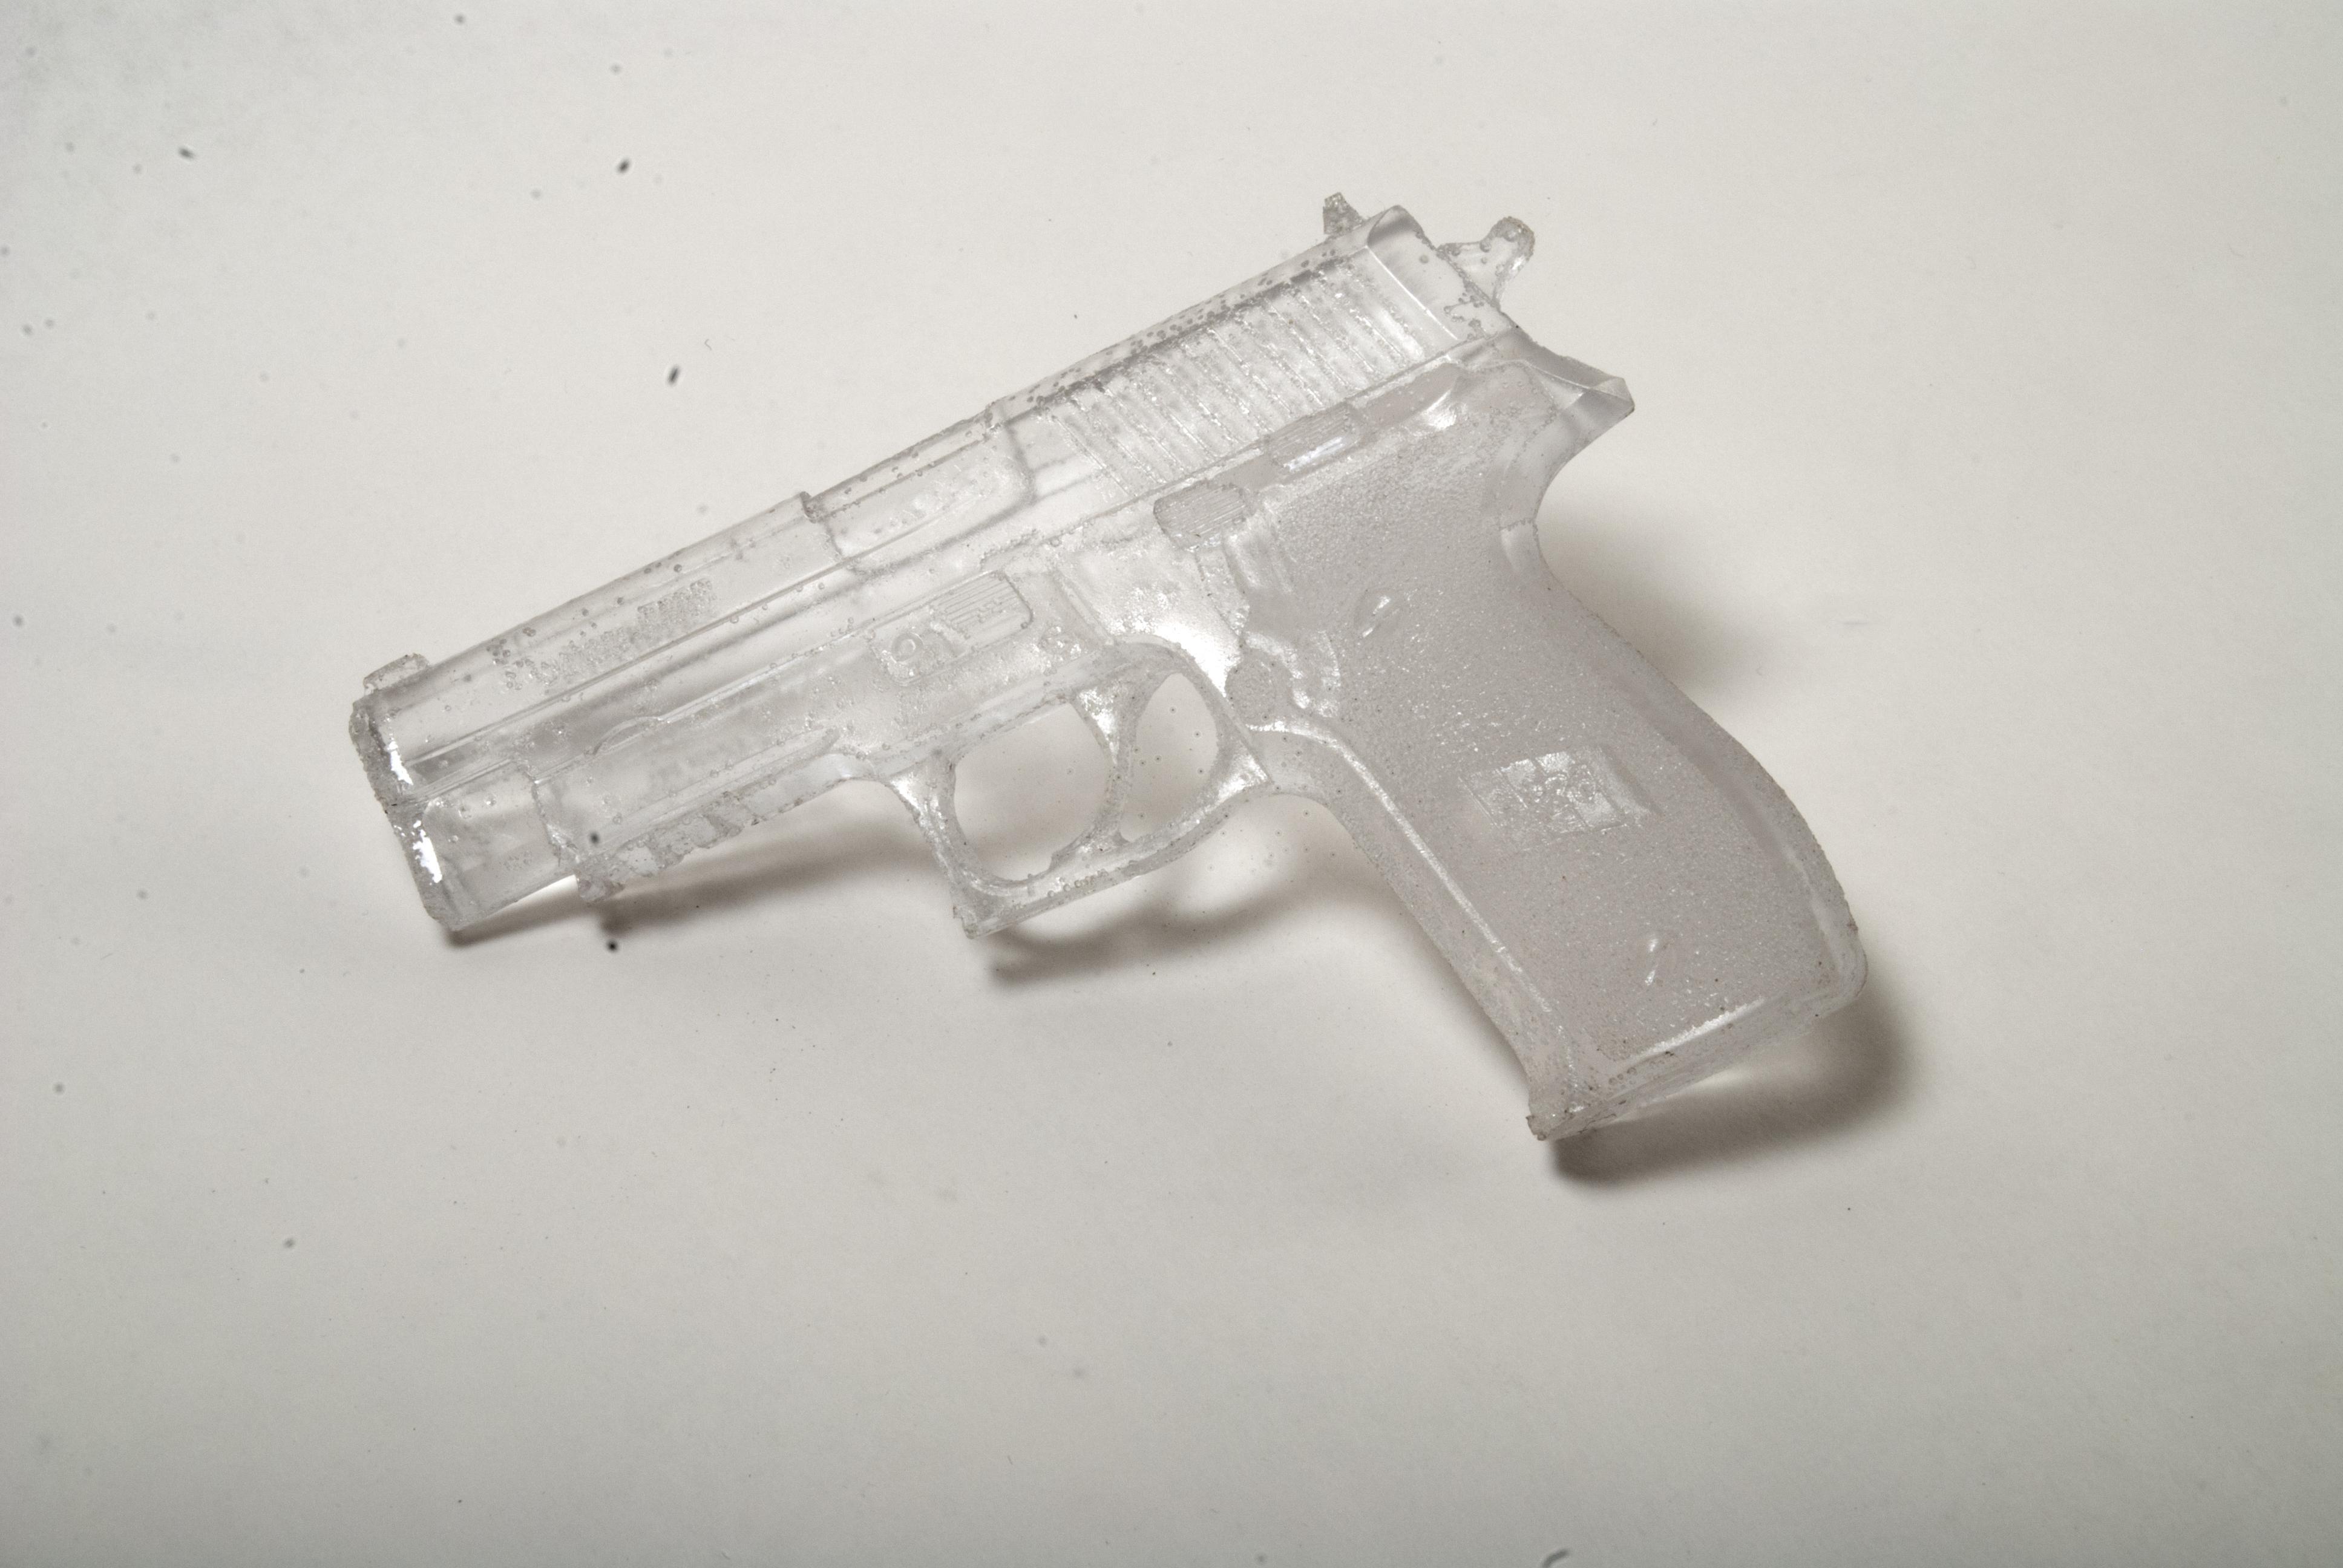 P226 Sig Sauer